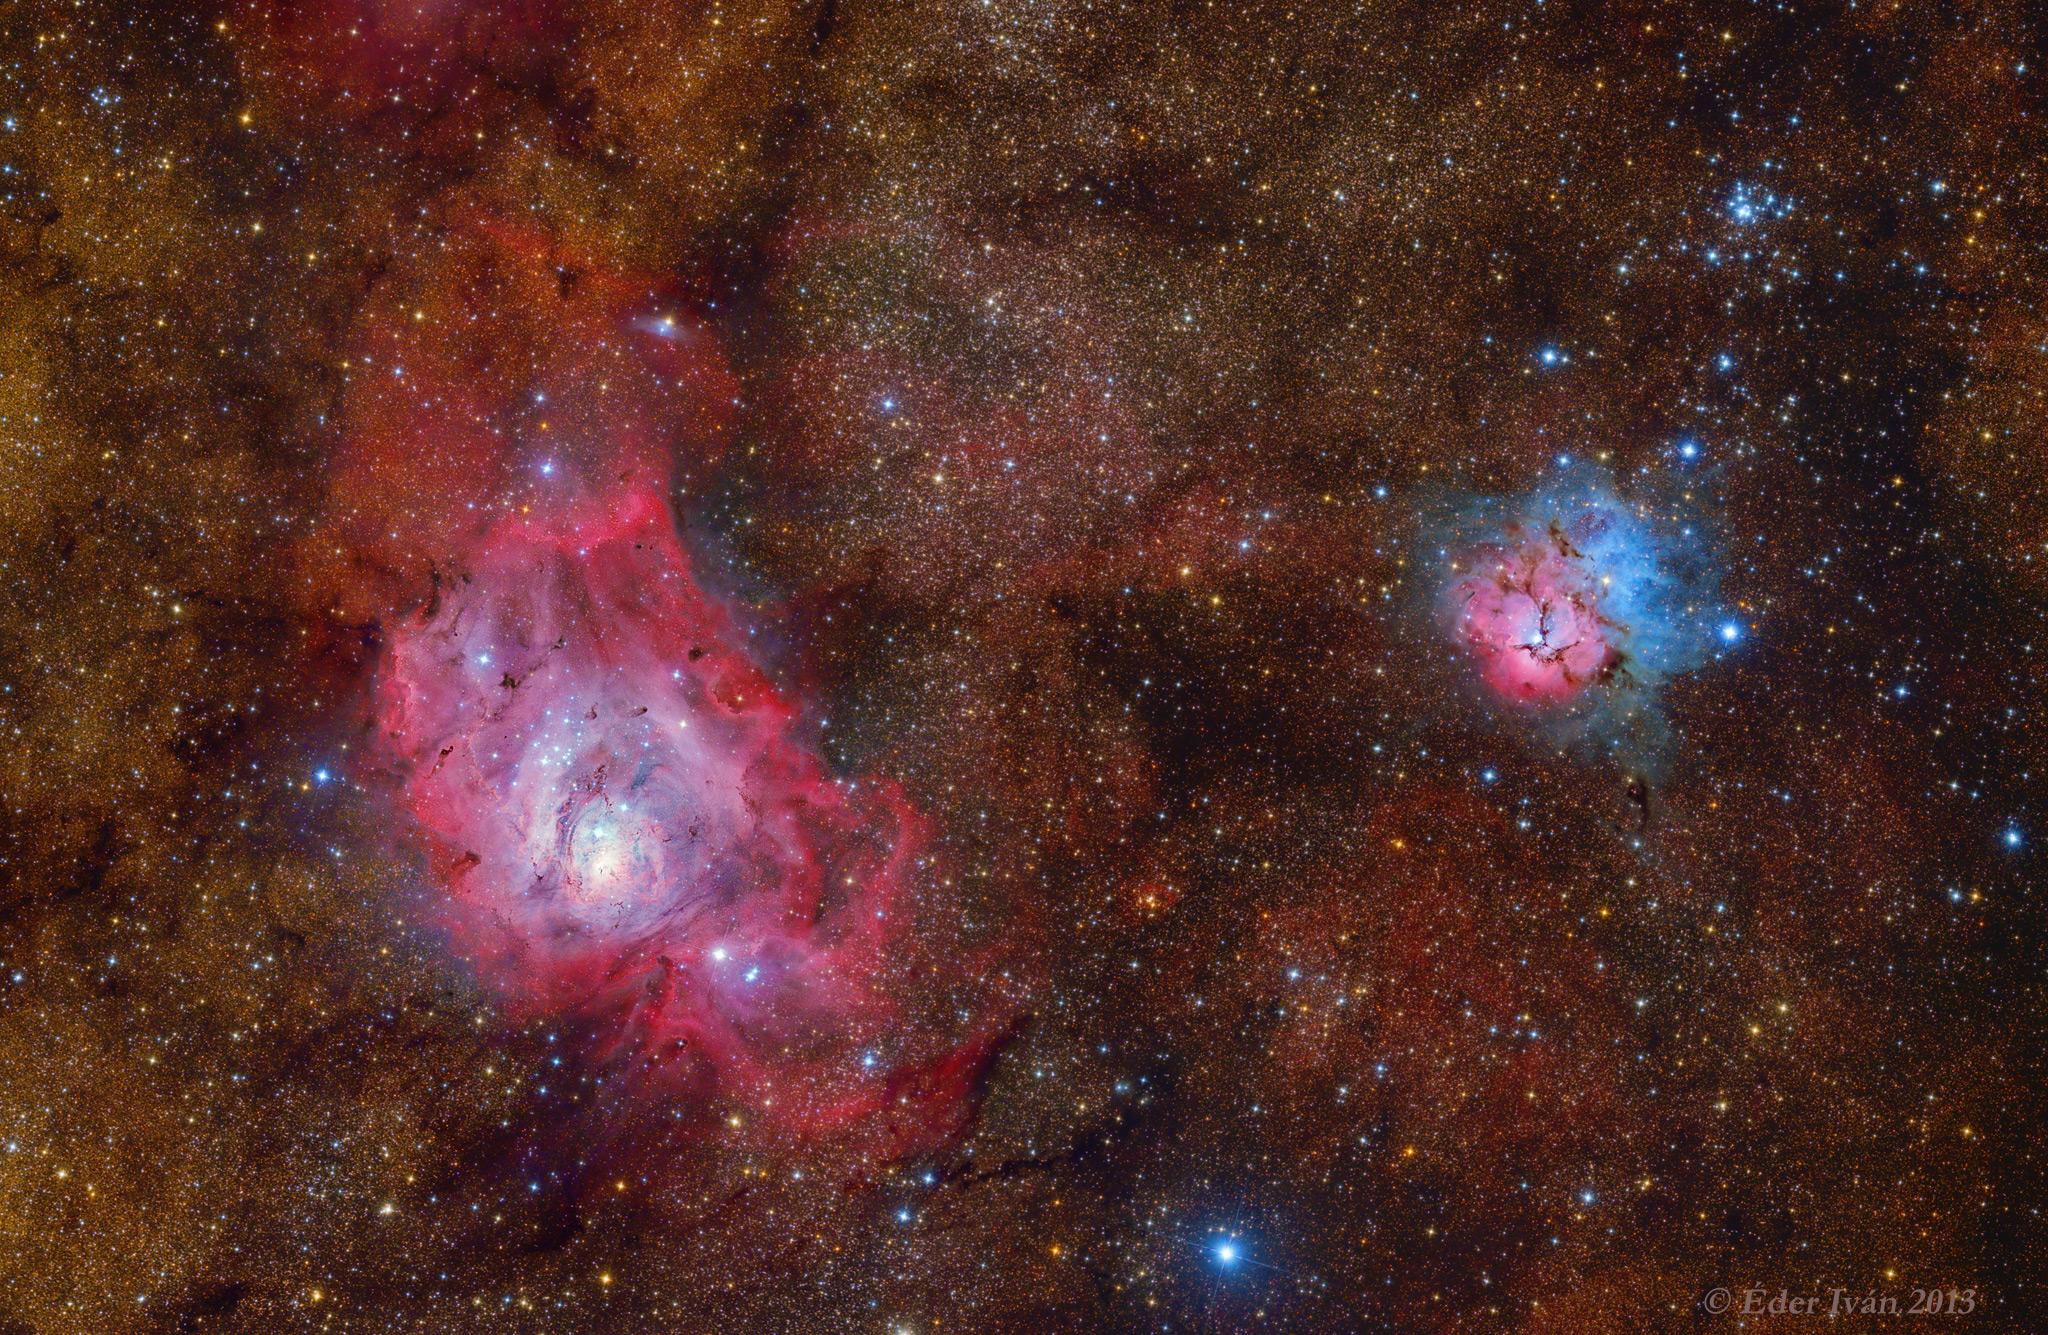 Lagoon and Trifid Nebula (M8, M20)